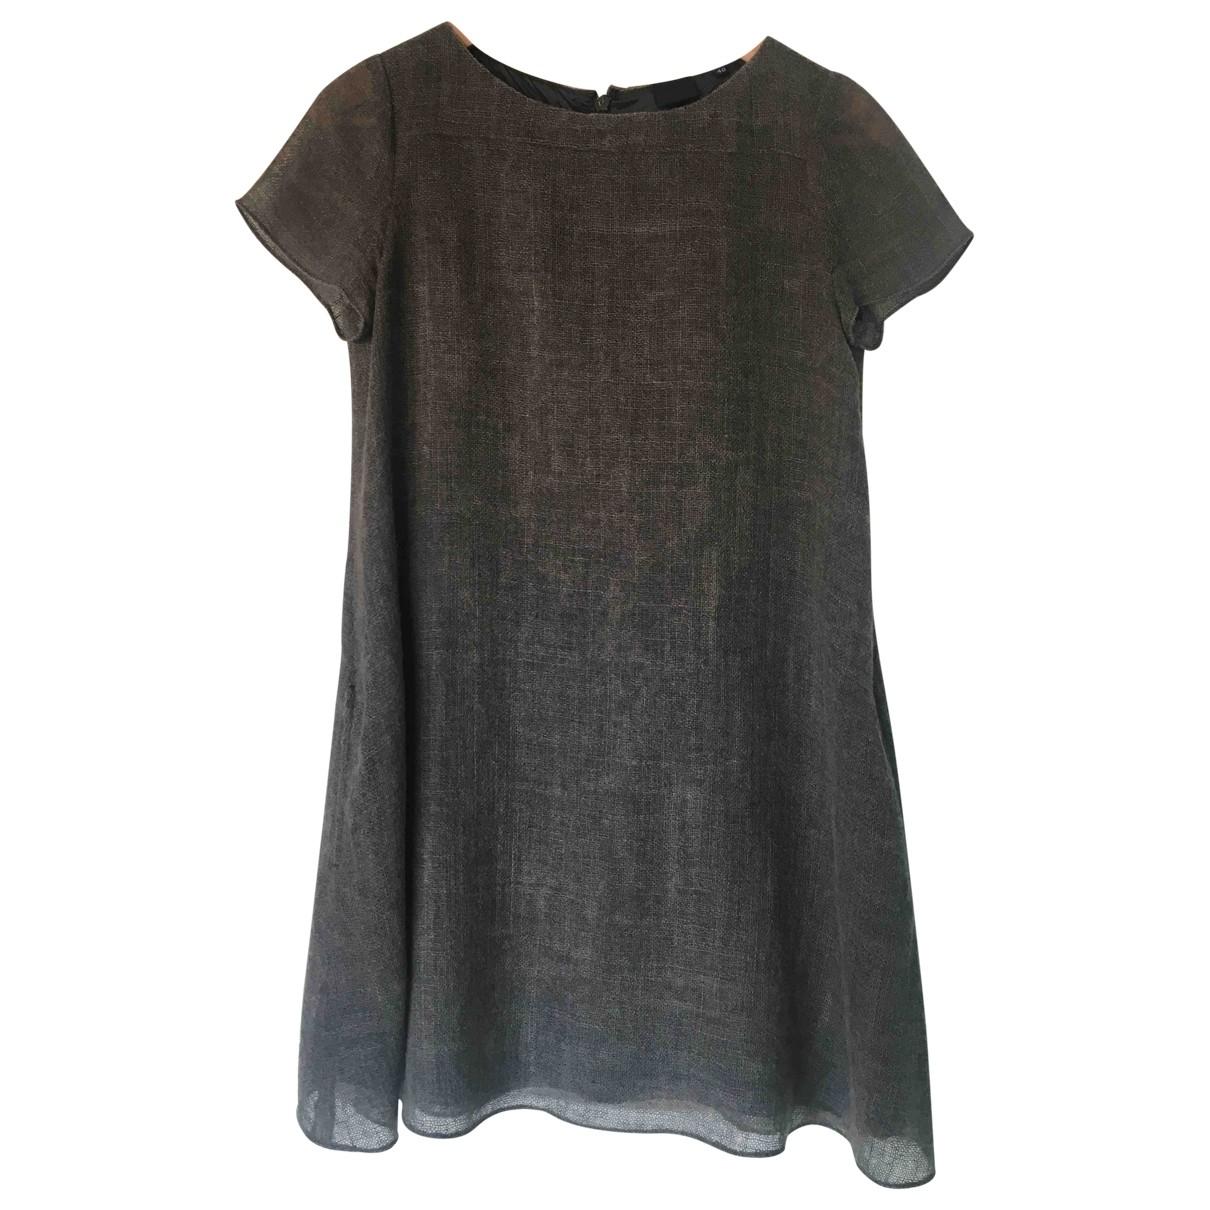 Aspesi \N Kleid in  Grau Wolle